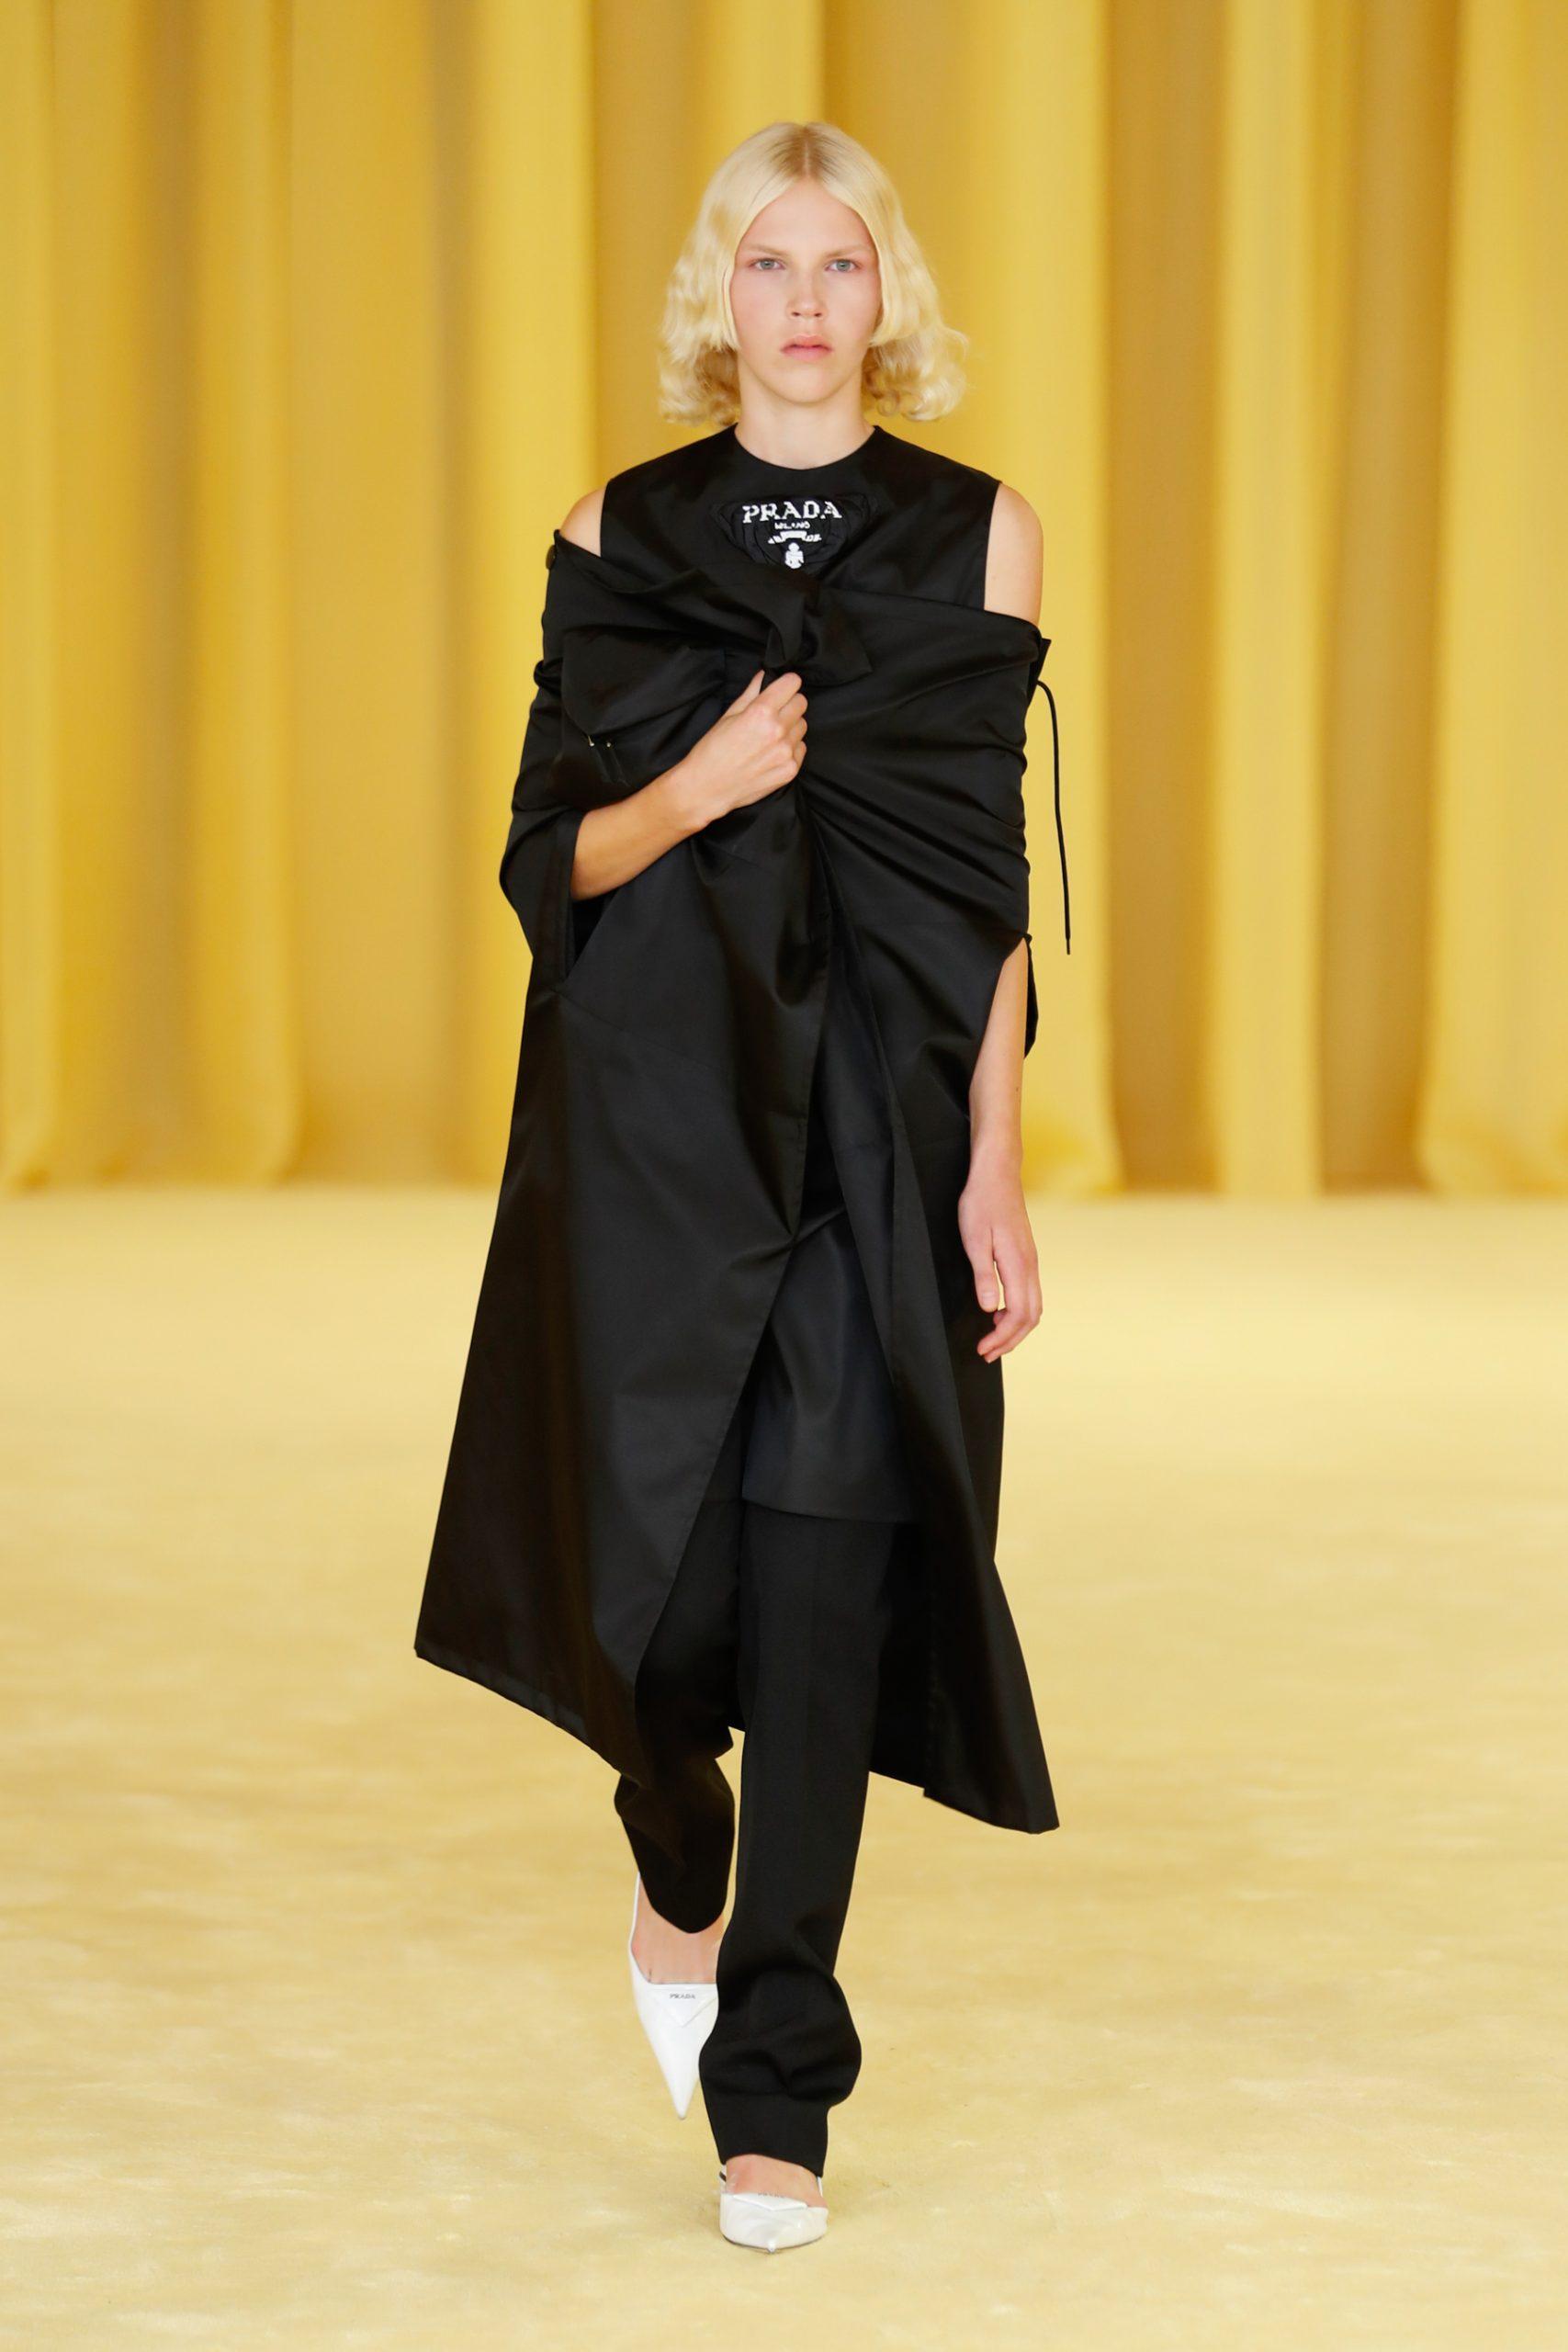 Prada Spring 2021 Fashion Show Film